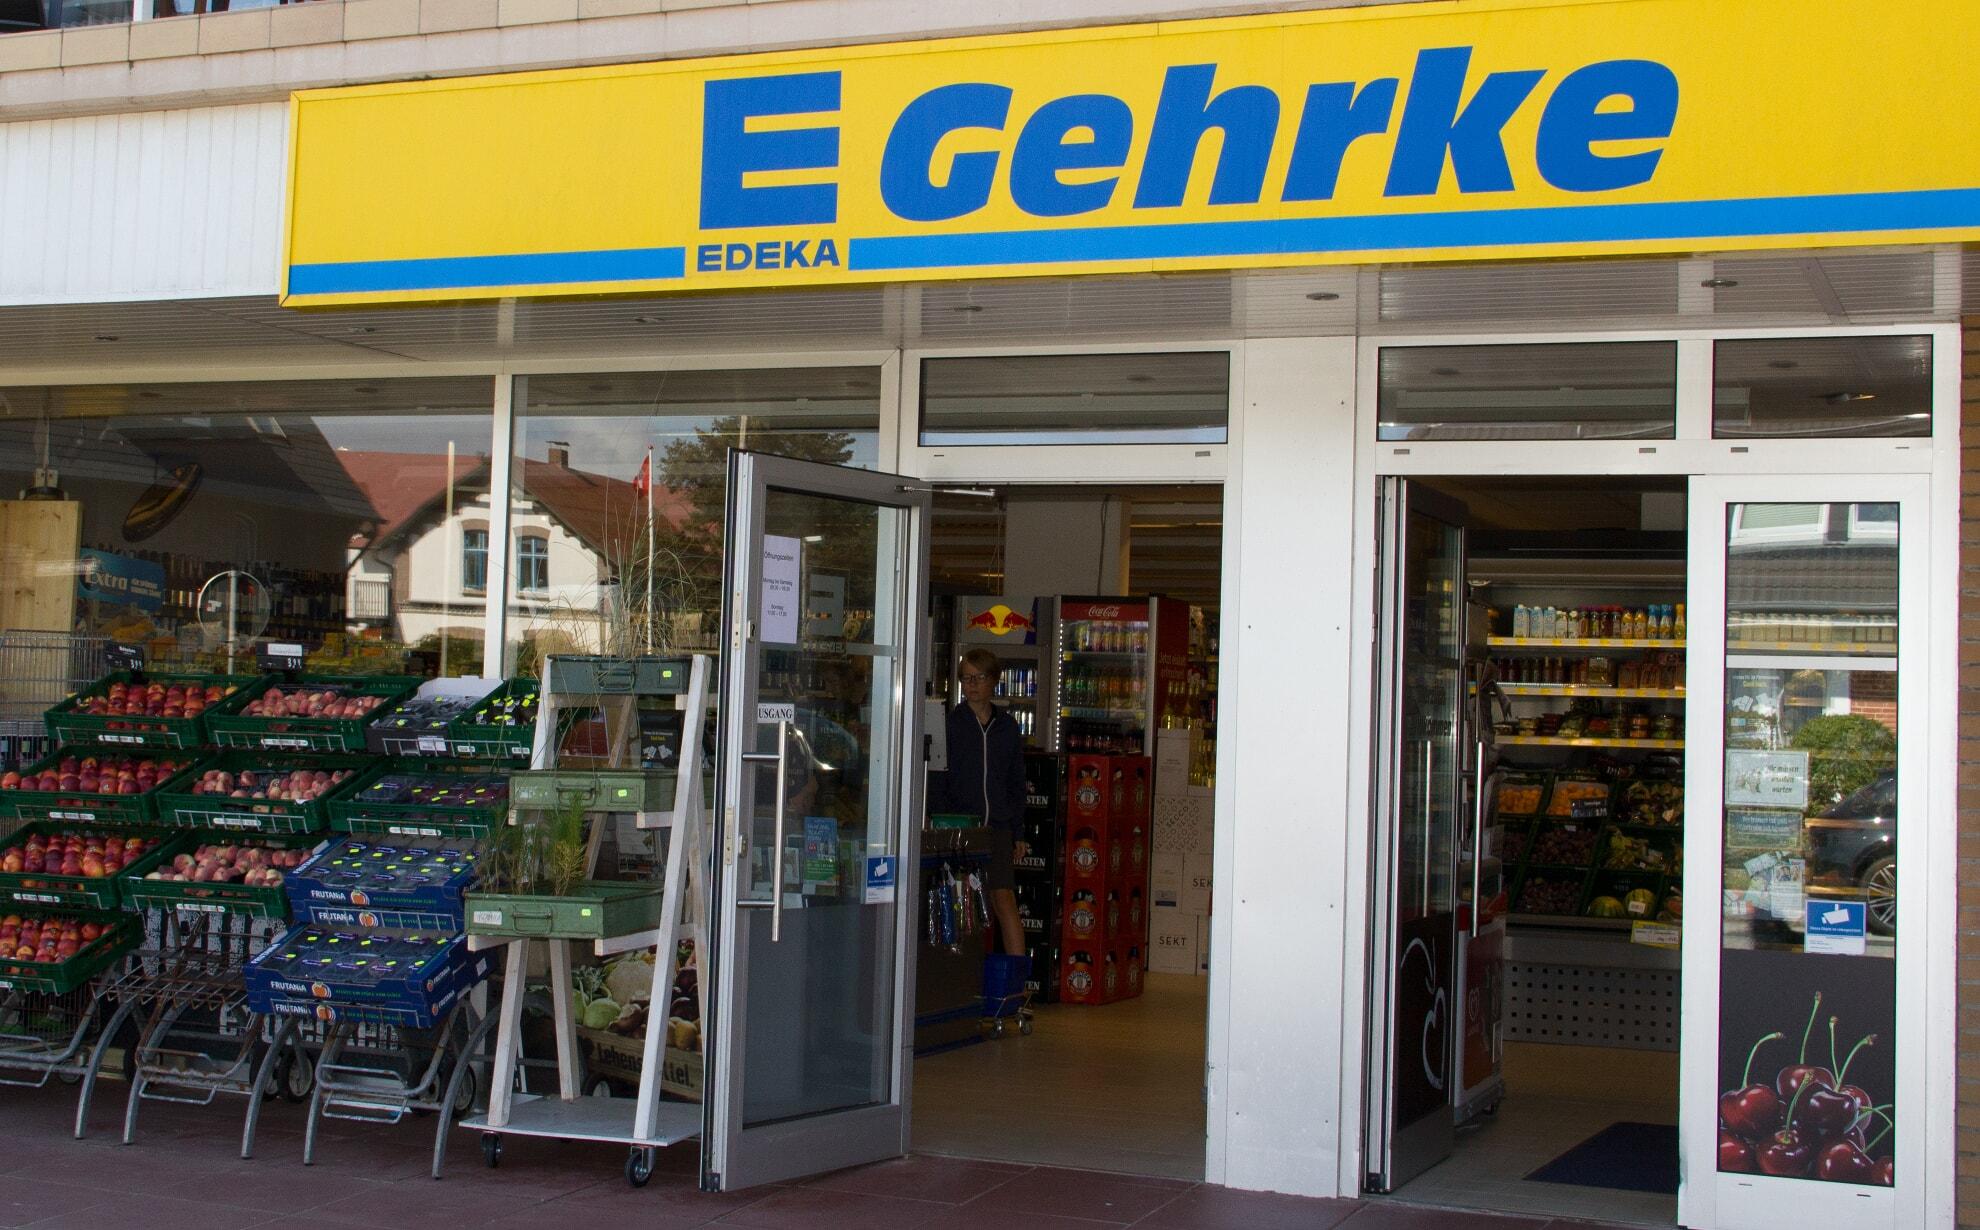 Edeka Gehrke